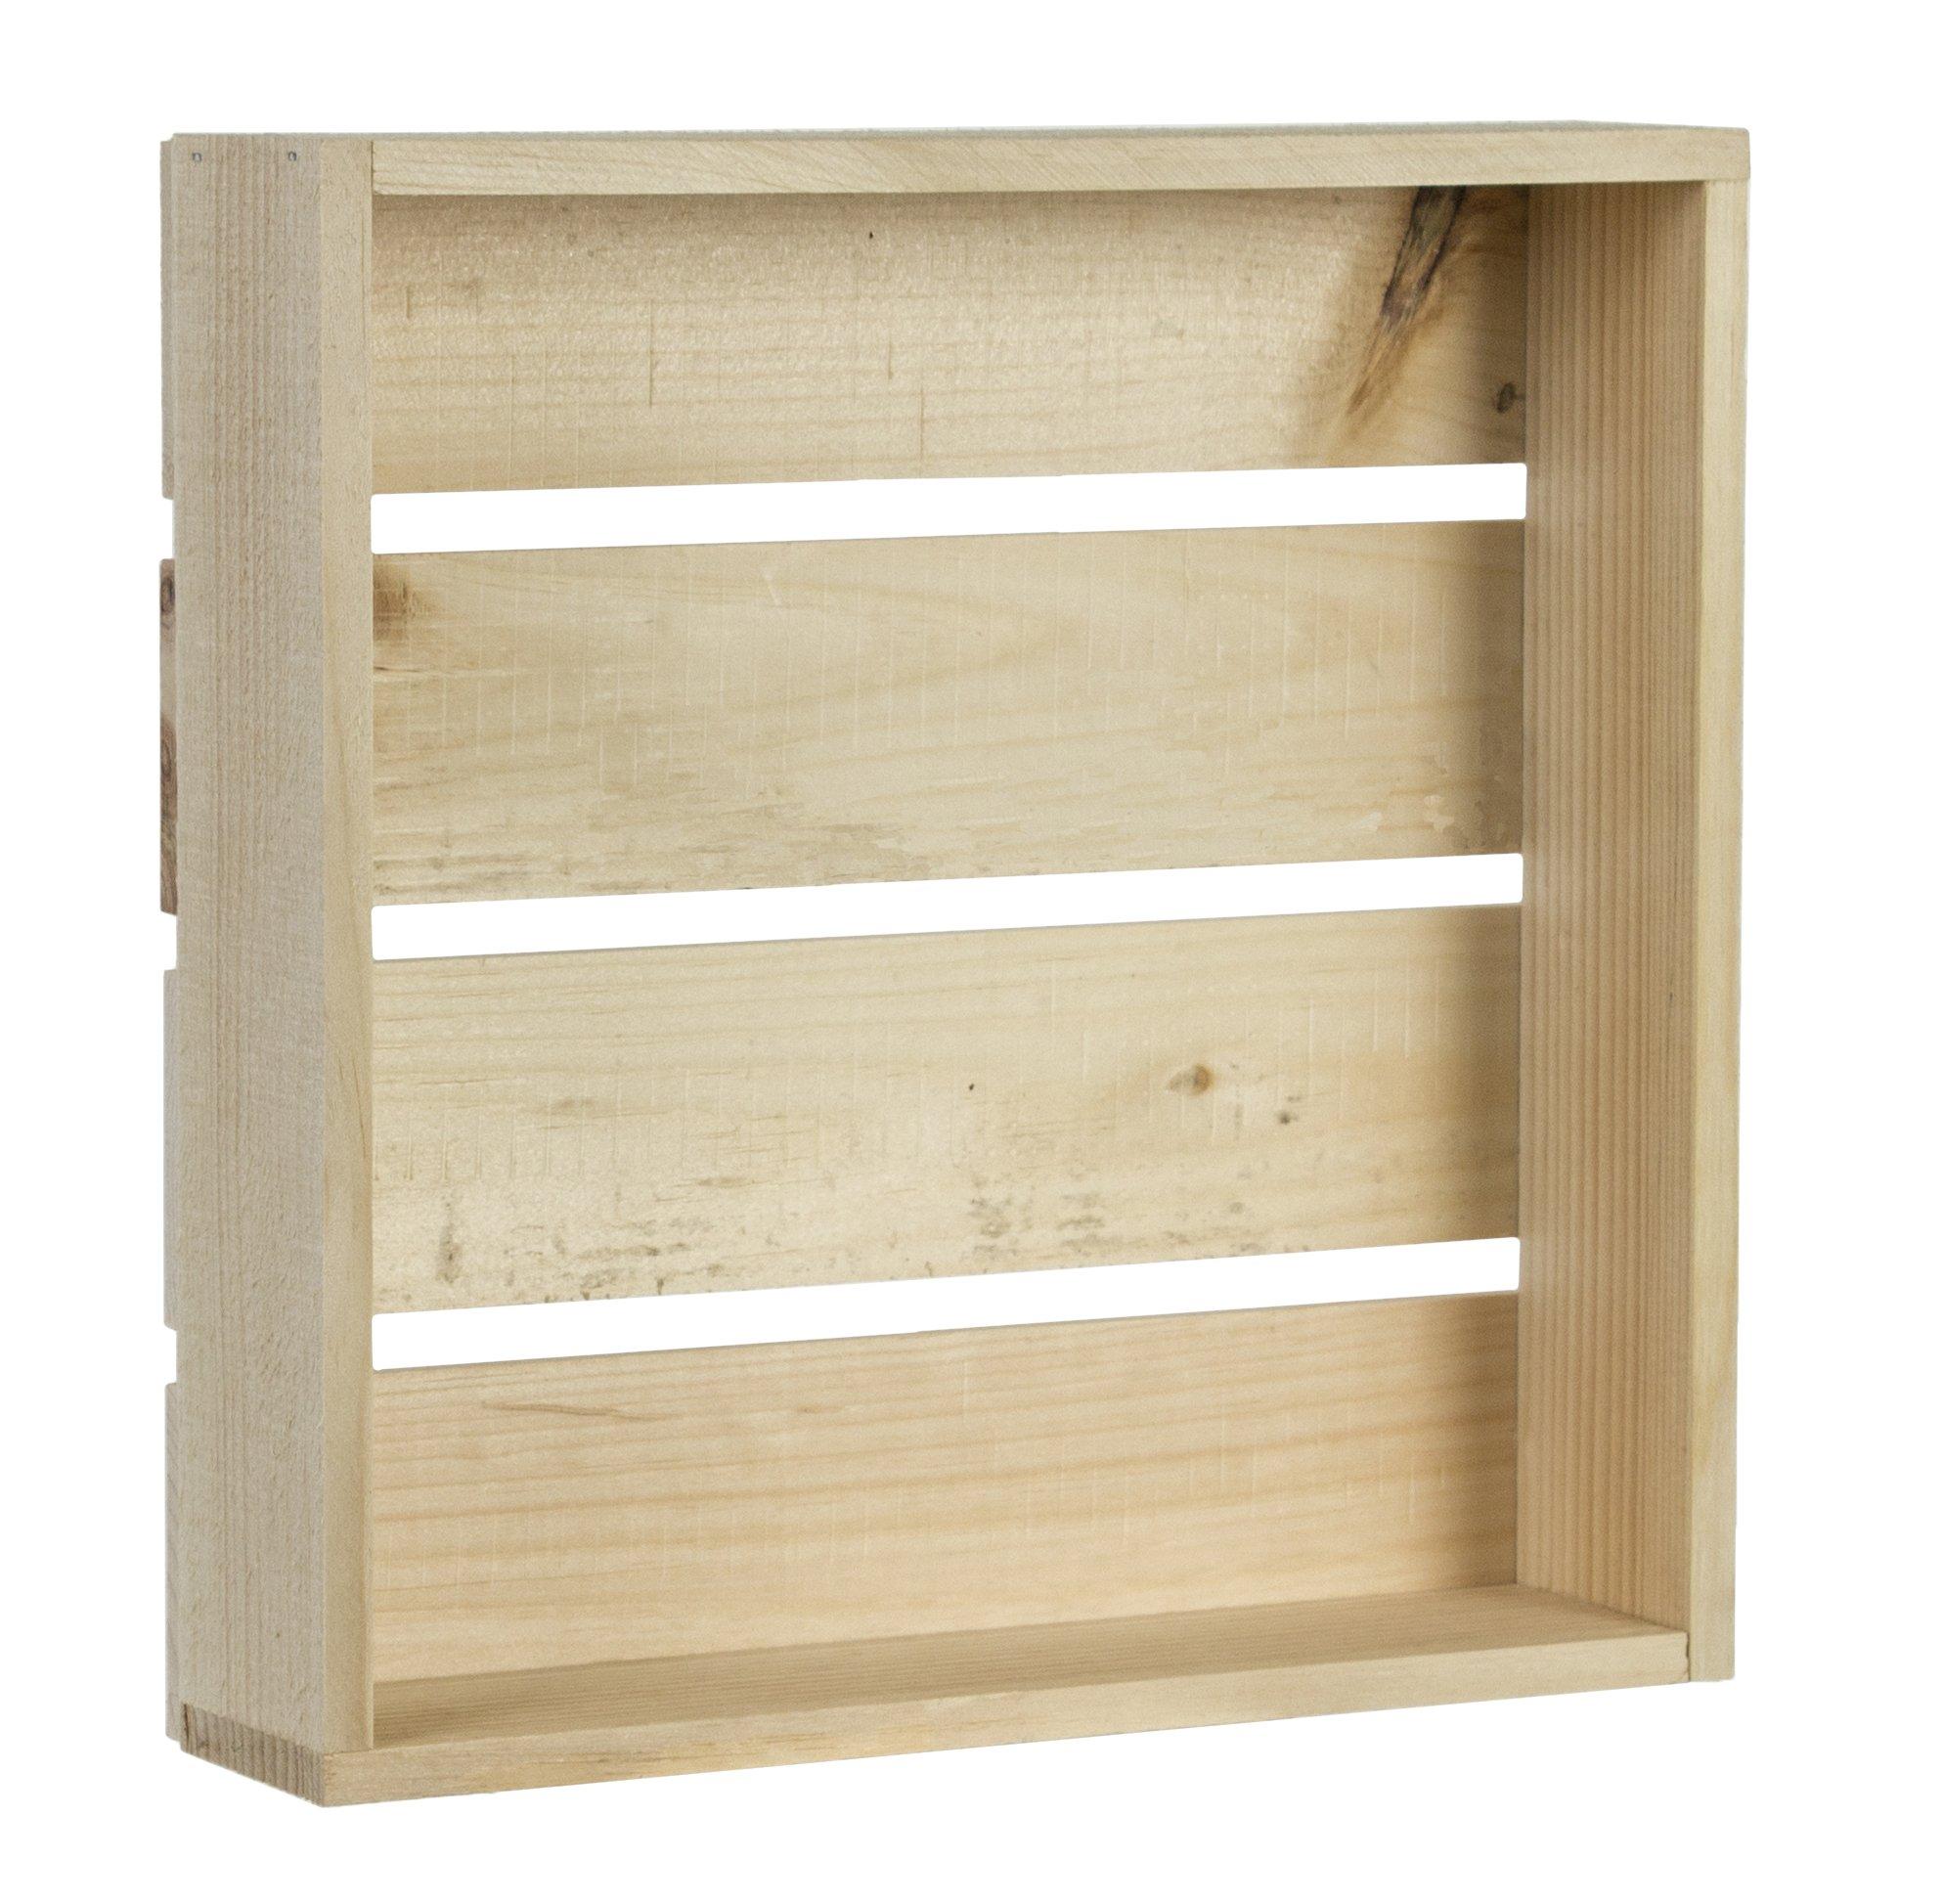 Walnut Hollow Rustic Shadow Box, 11-1/2 by 11-1/2 by 2-5/8-Inch